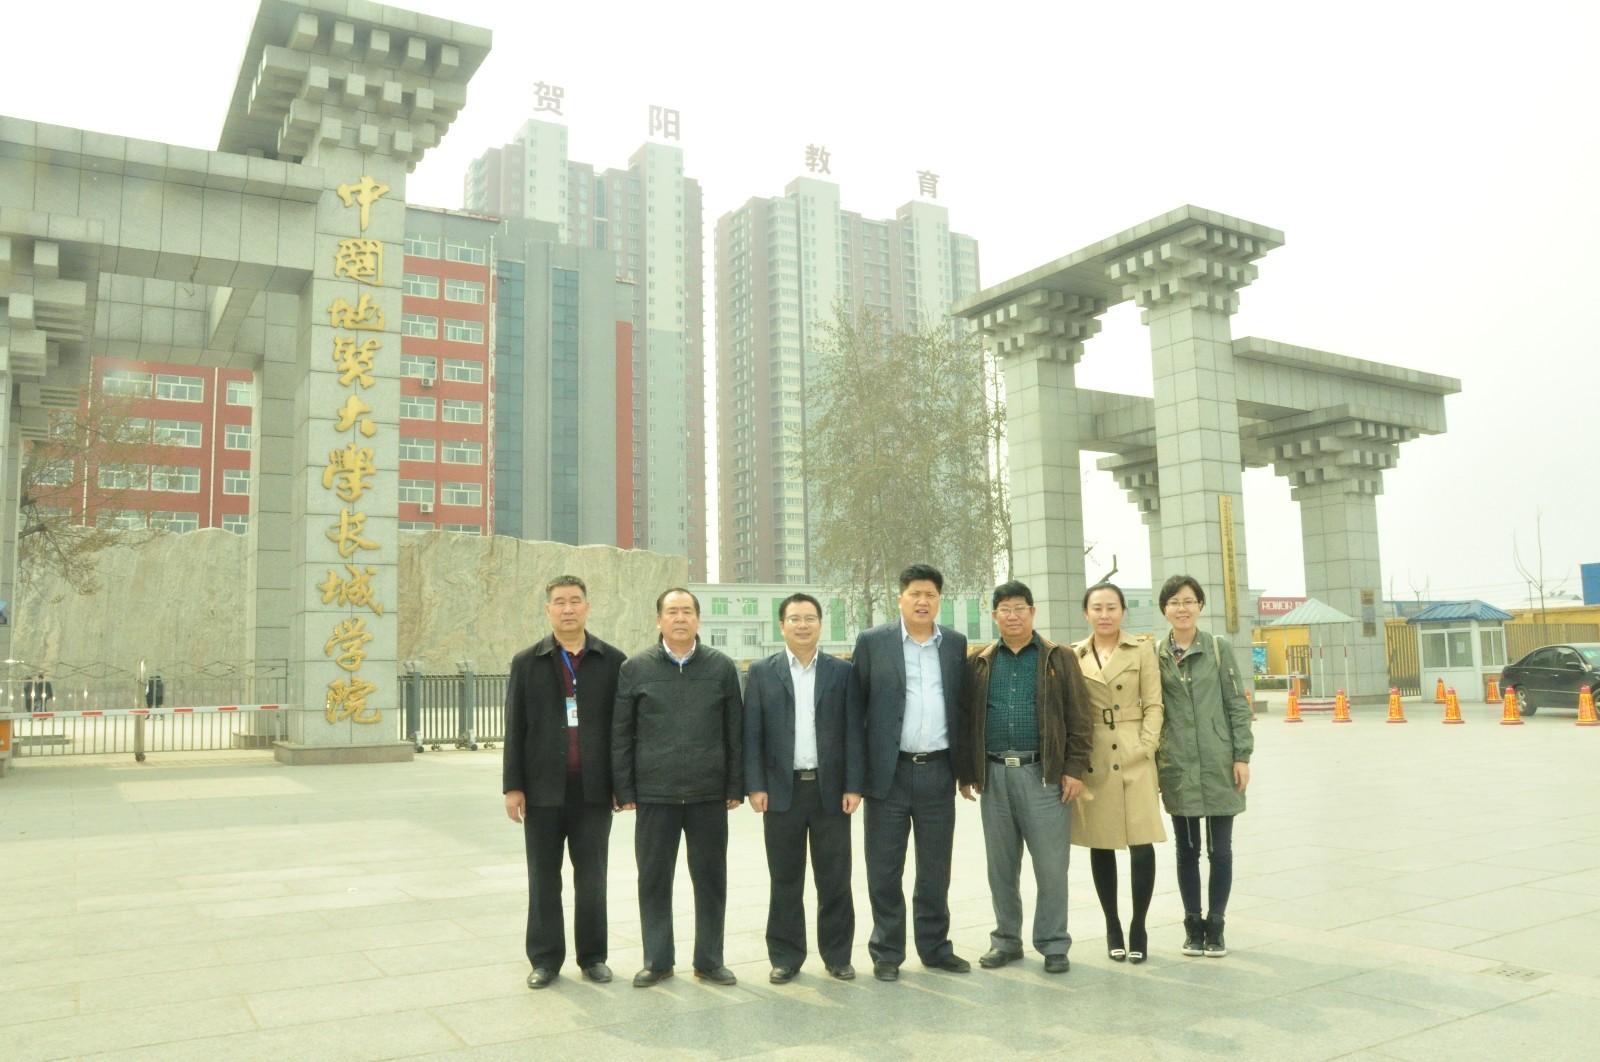 拥有农业部天然橡胶质量检测中心,海南省农产品质量检测中心,院士工作